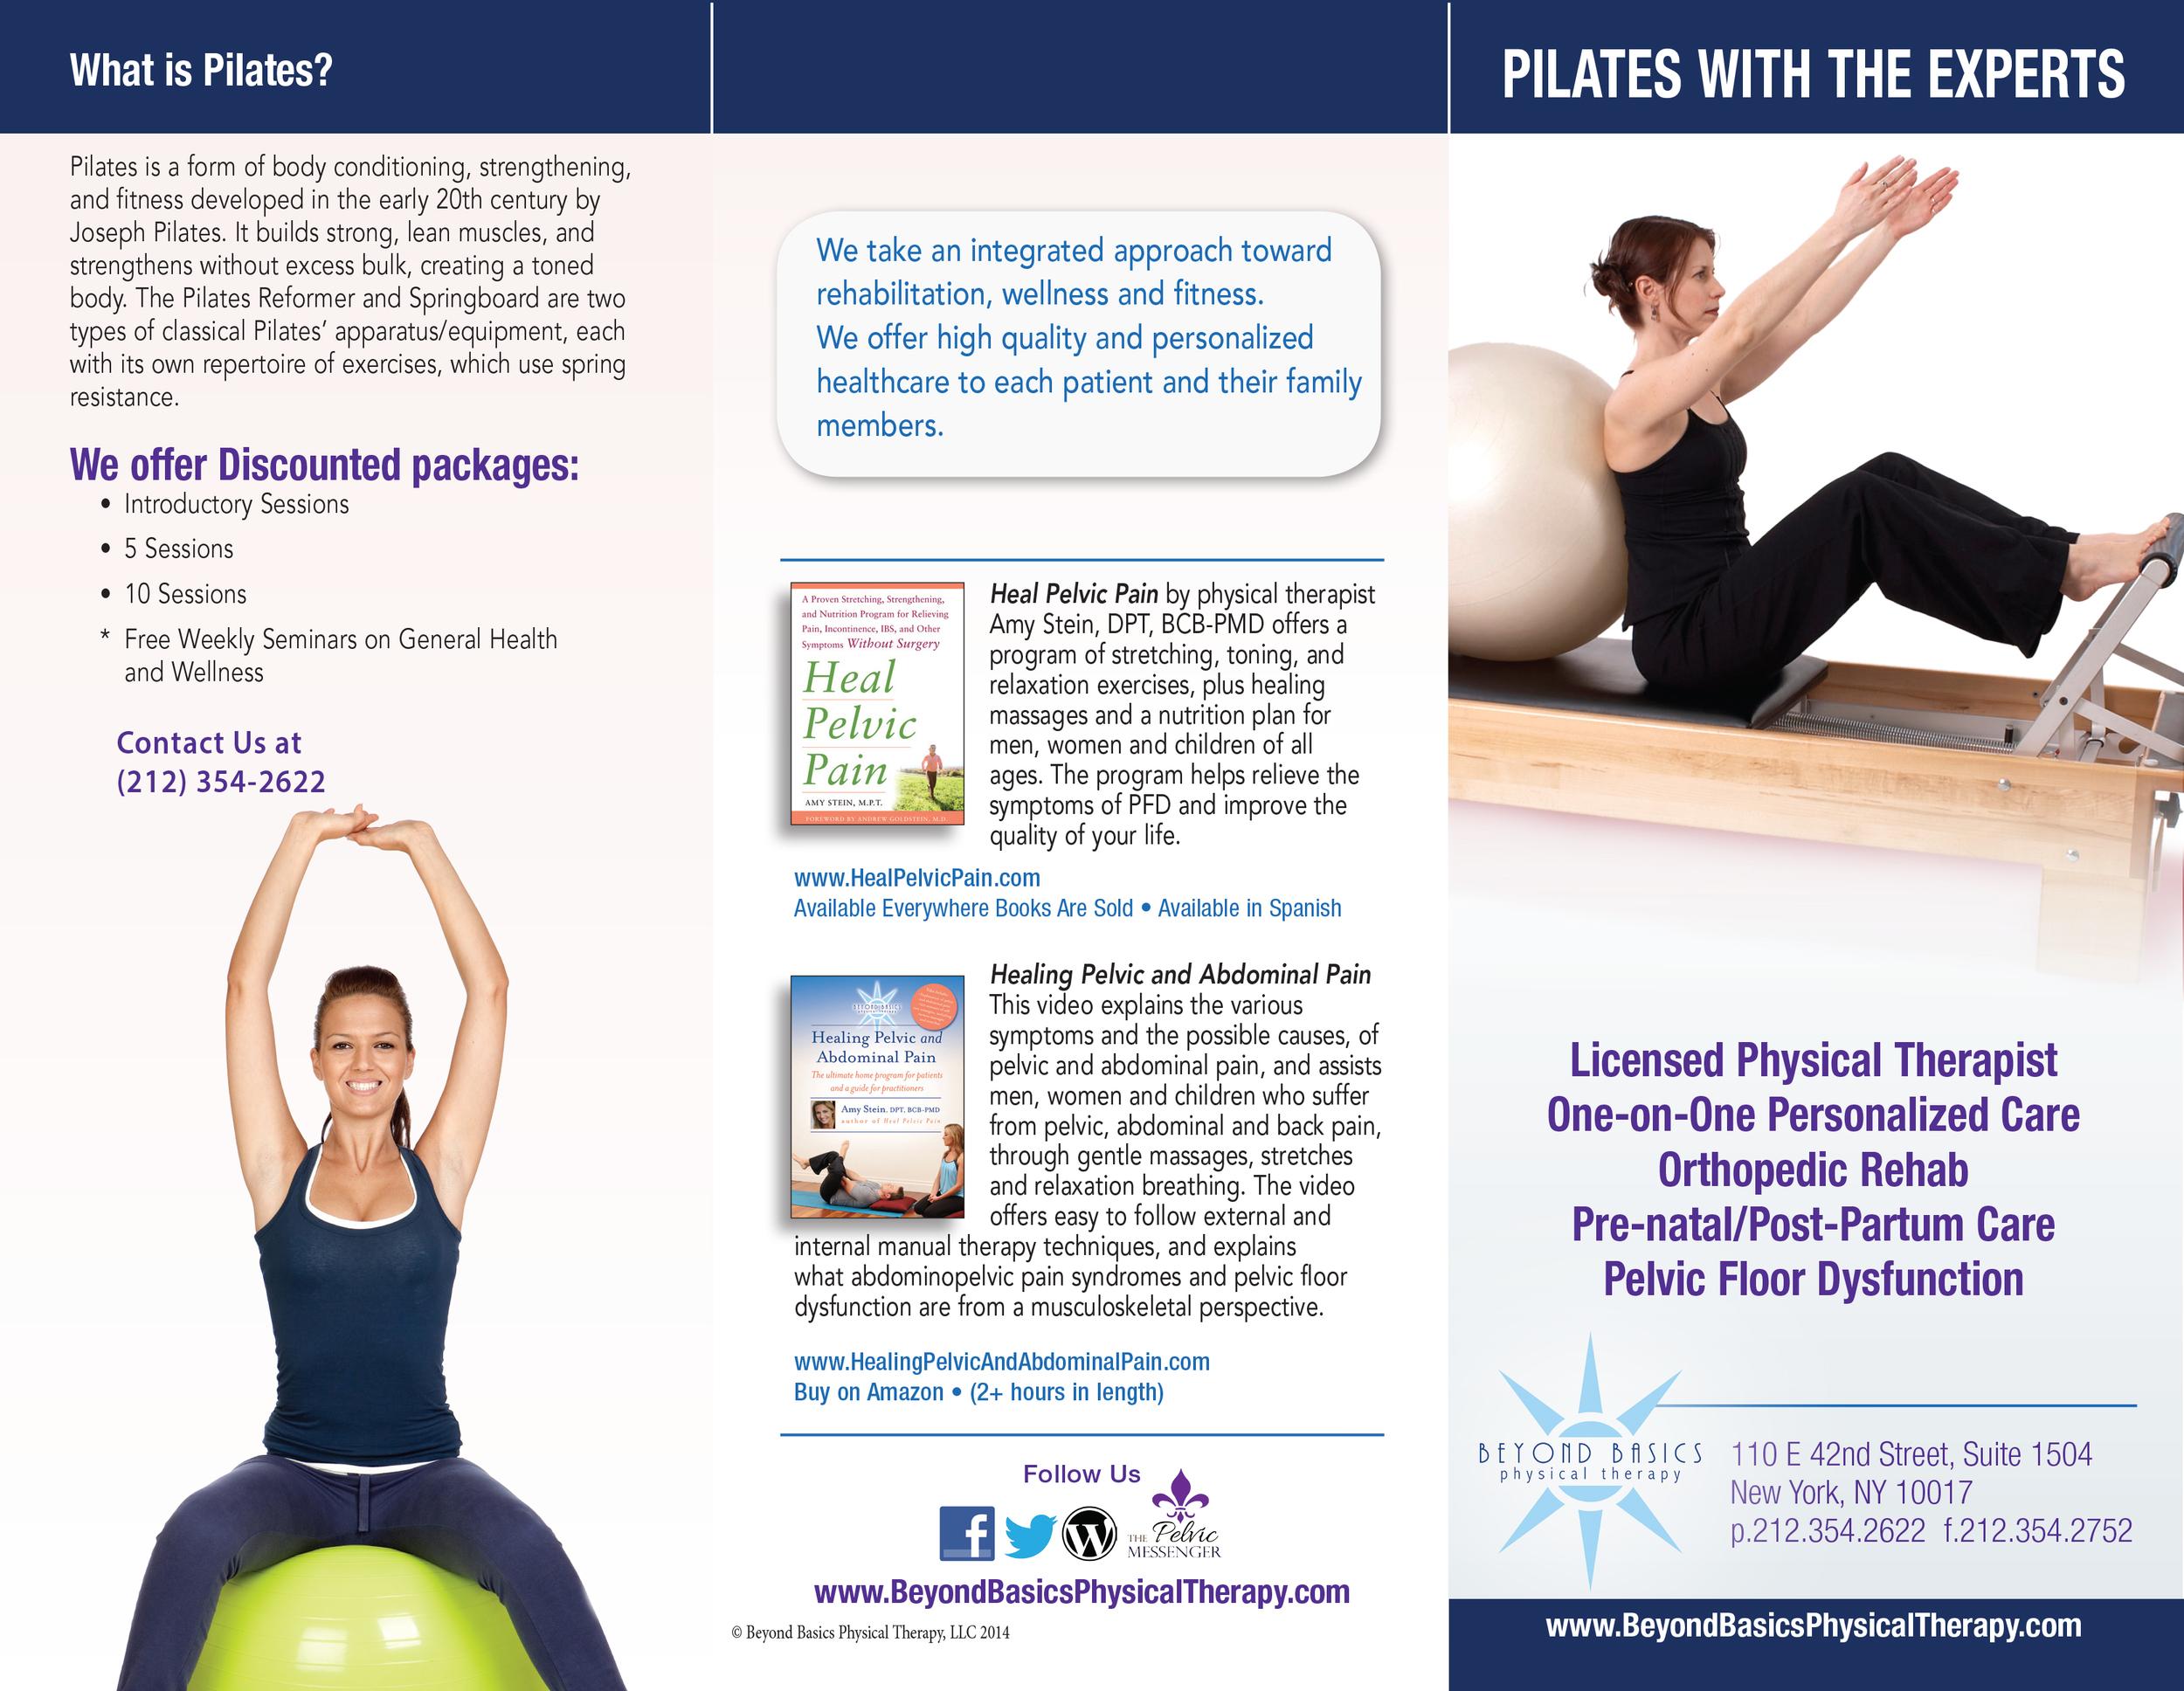 BB_Pilates_2014_FINAL-1.jpg